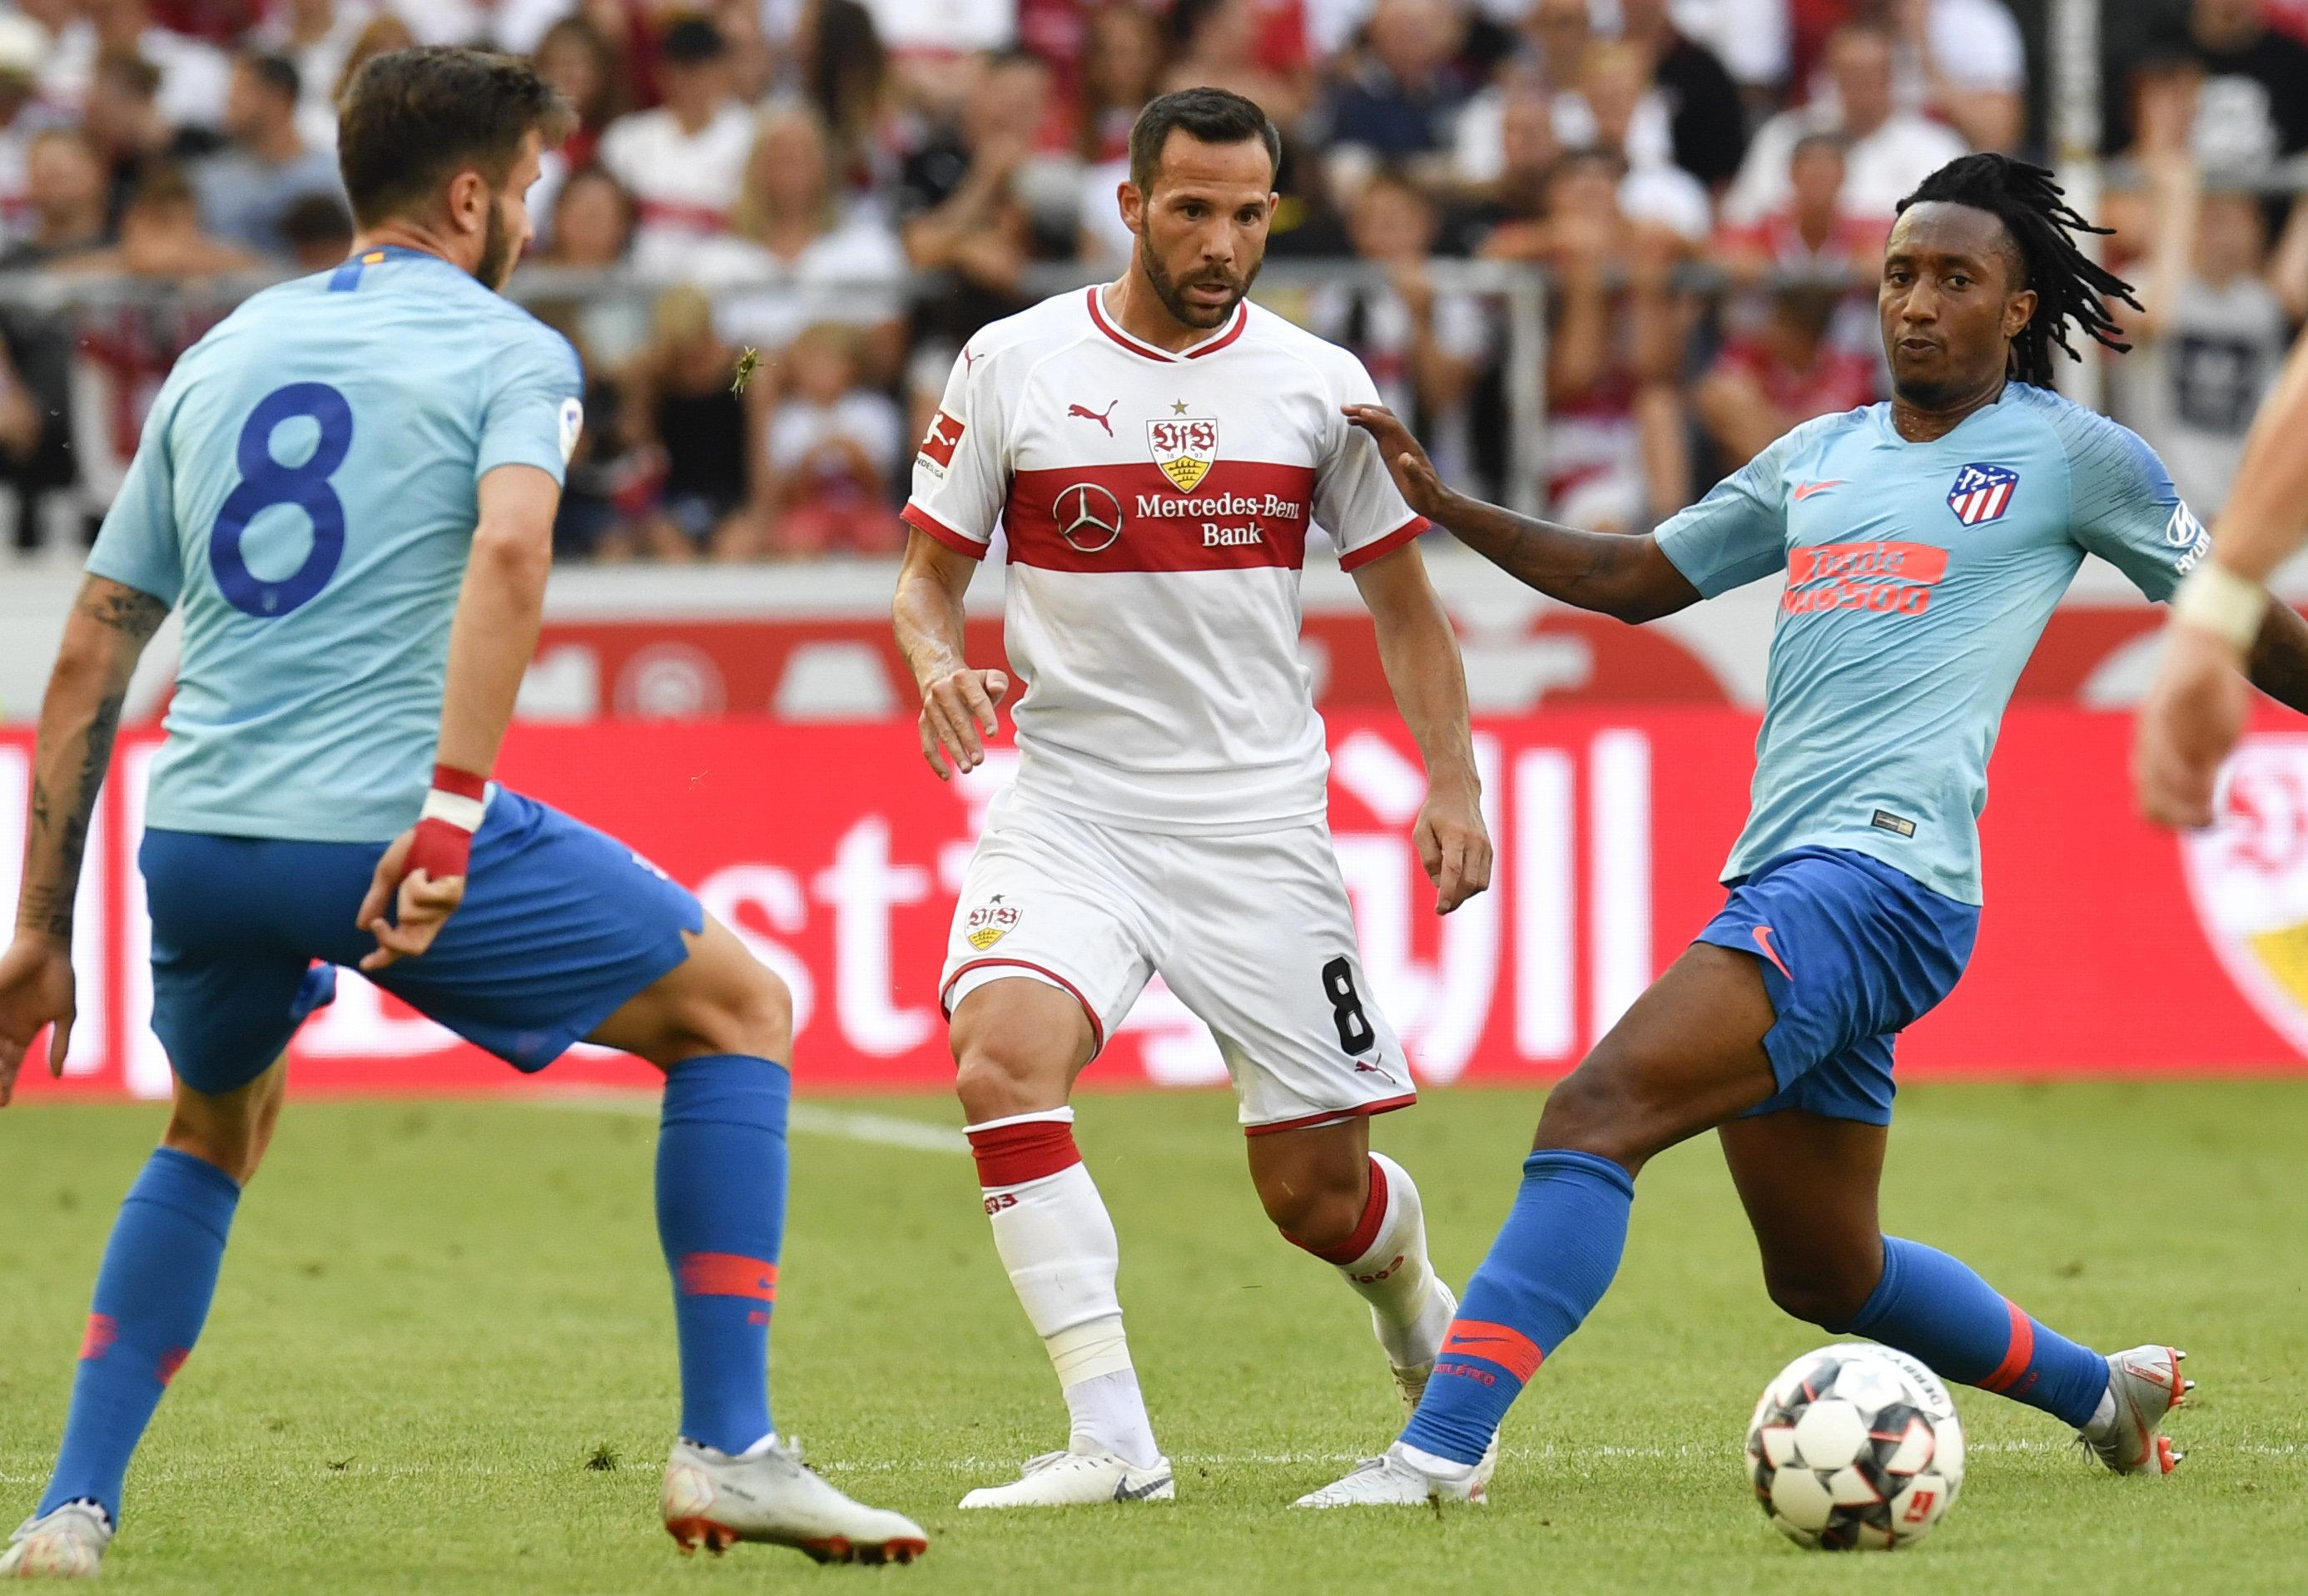 DFB-Pokal im Live-Stream: Hansa Rostock – VfB Stuttgart online sehen